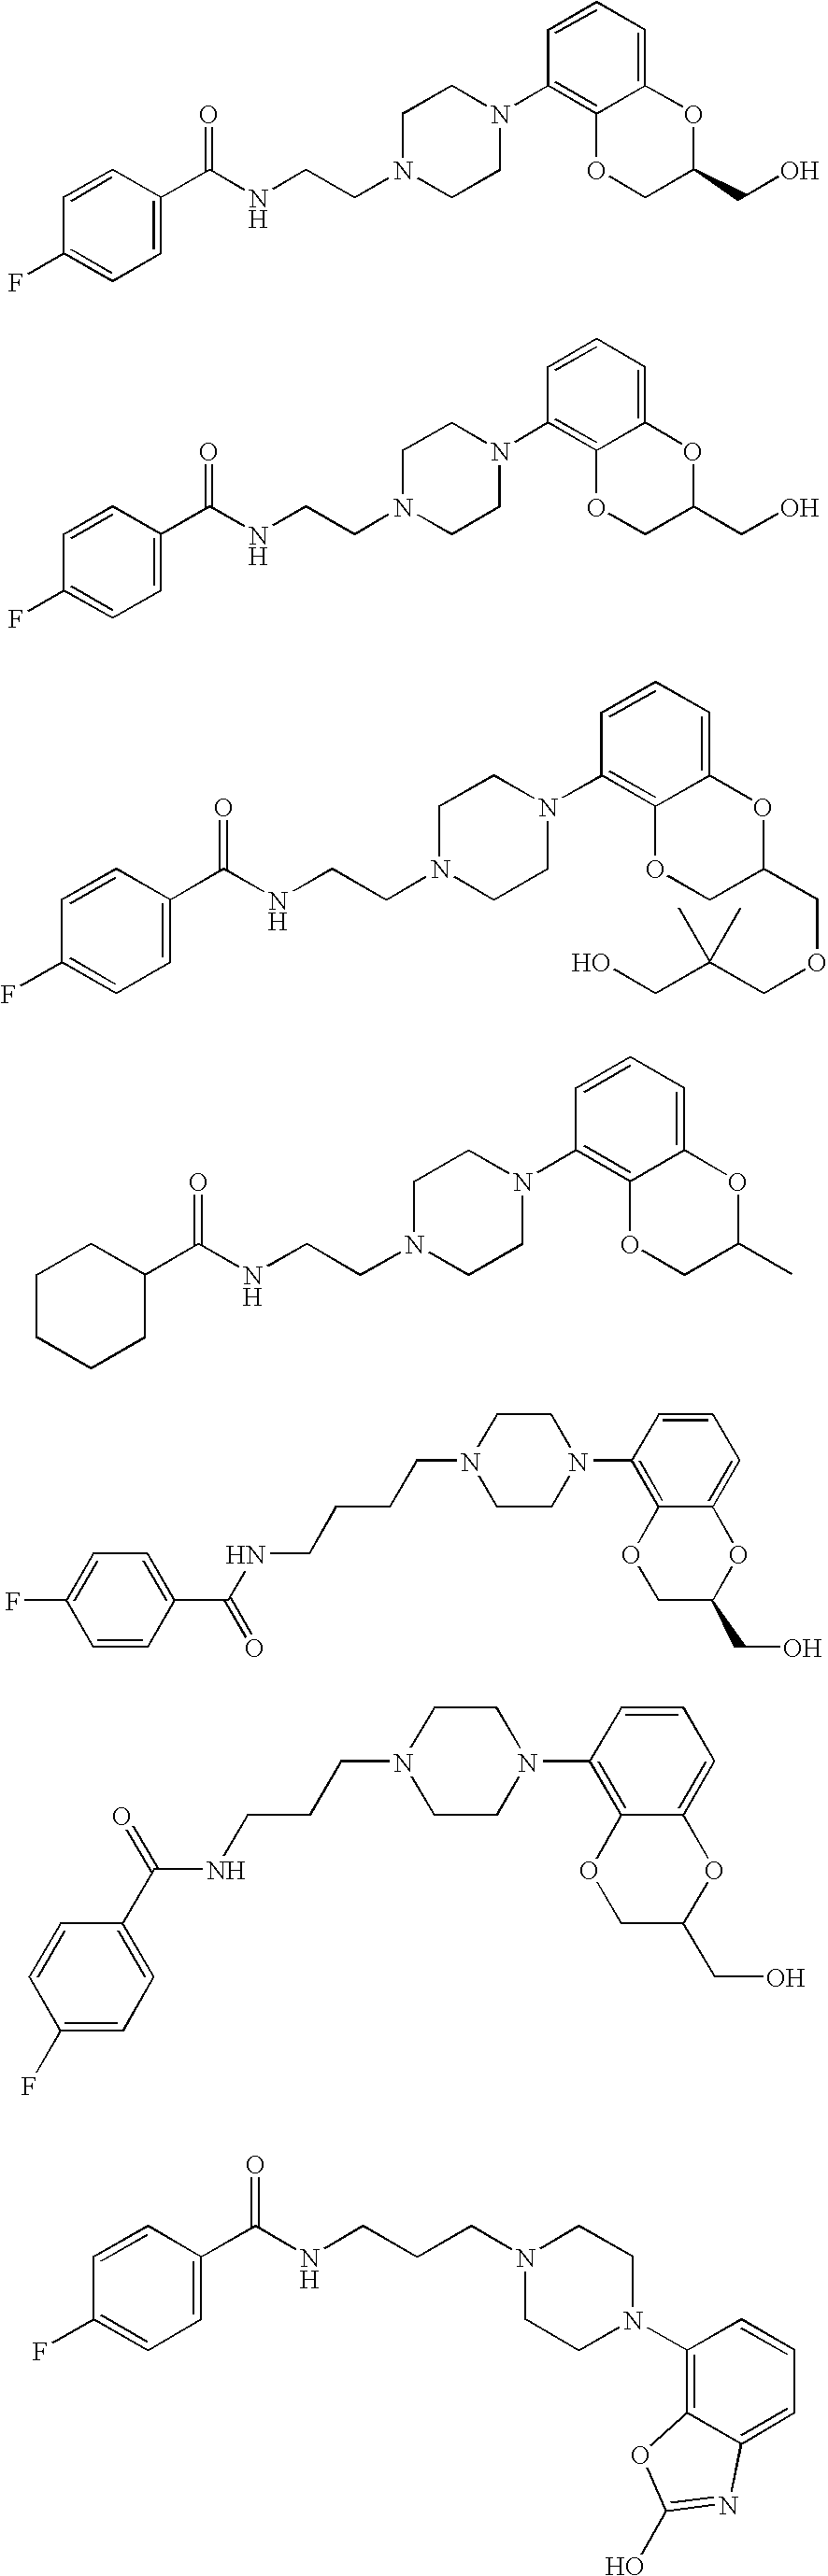 Figure US20100009983A1-20100114-C00176